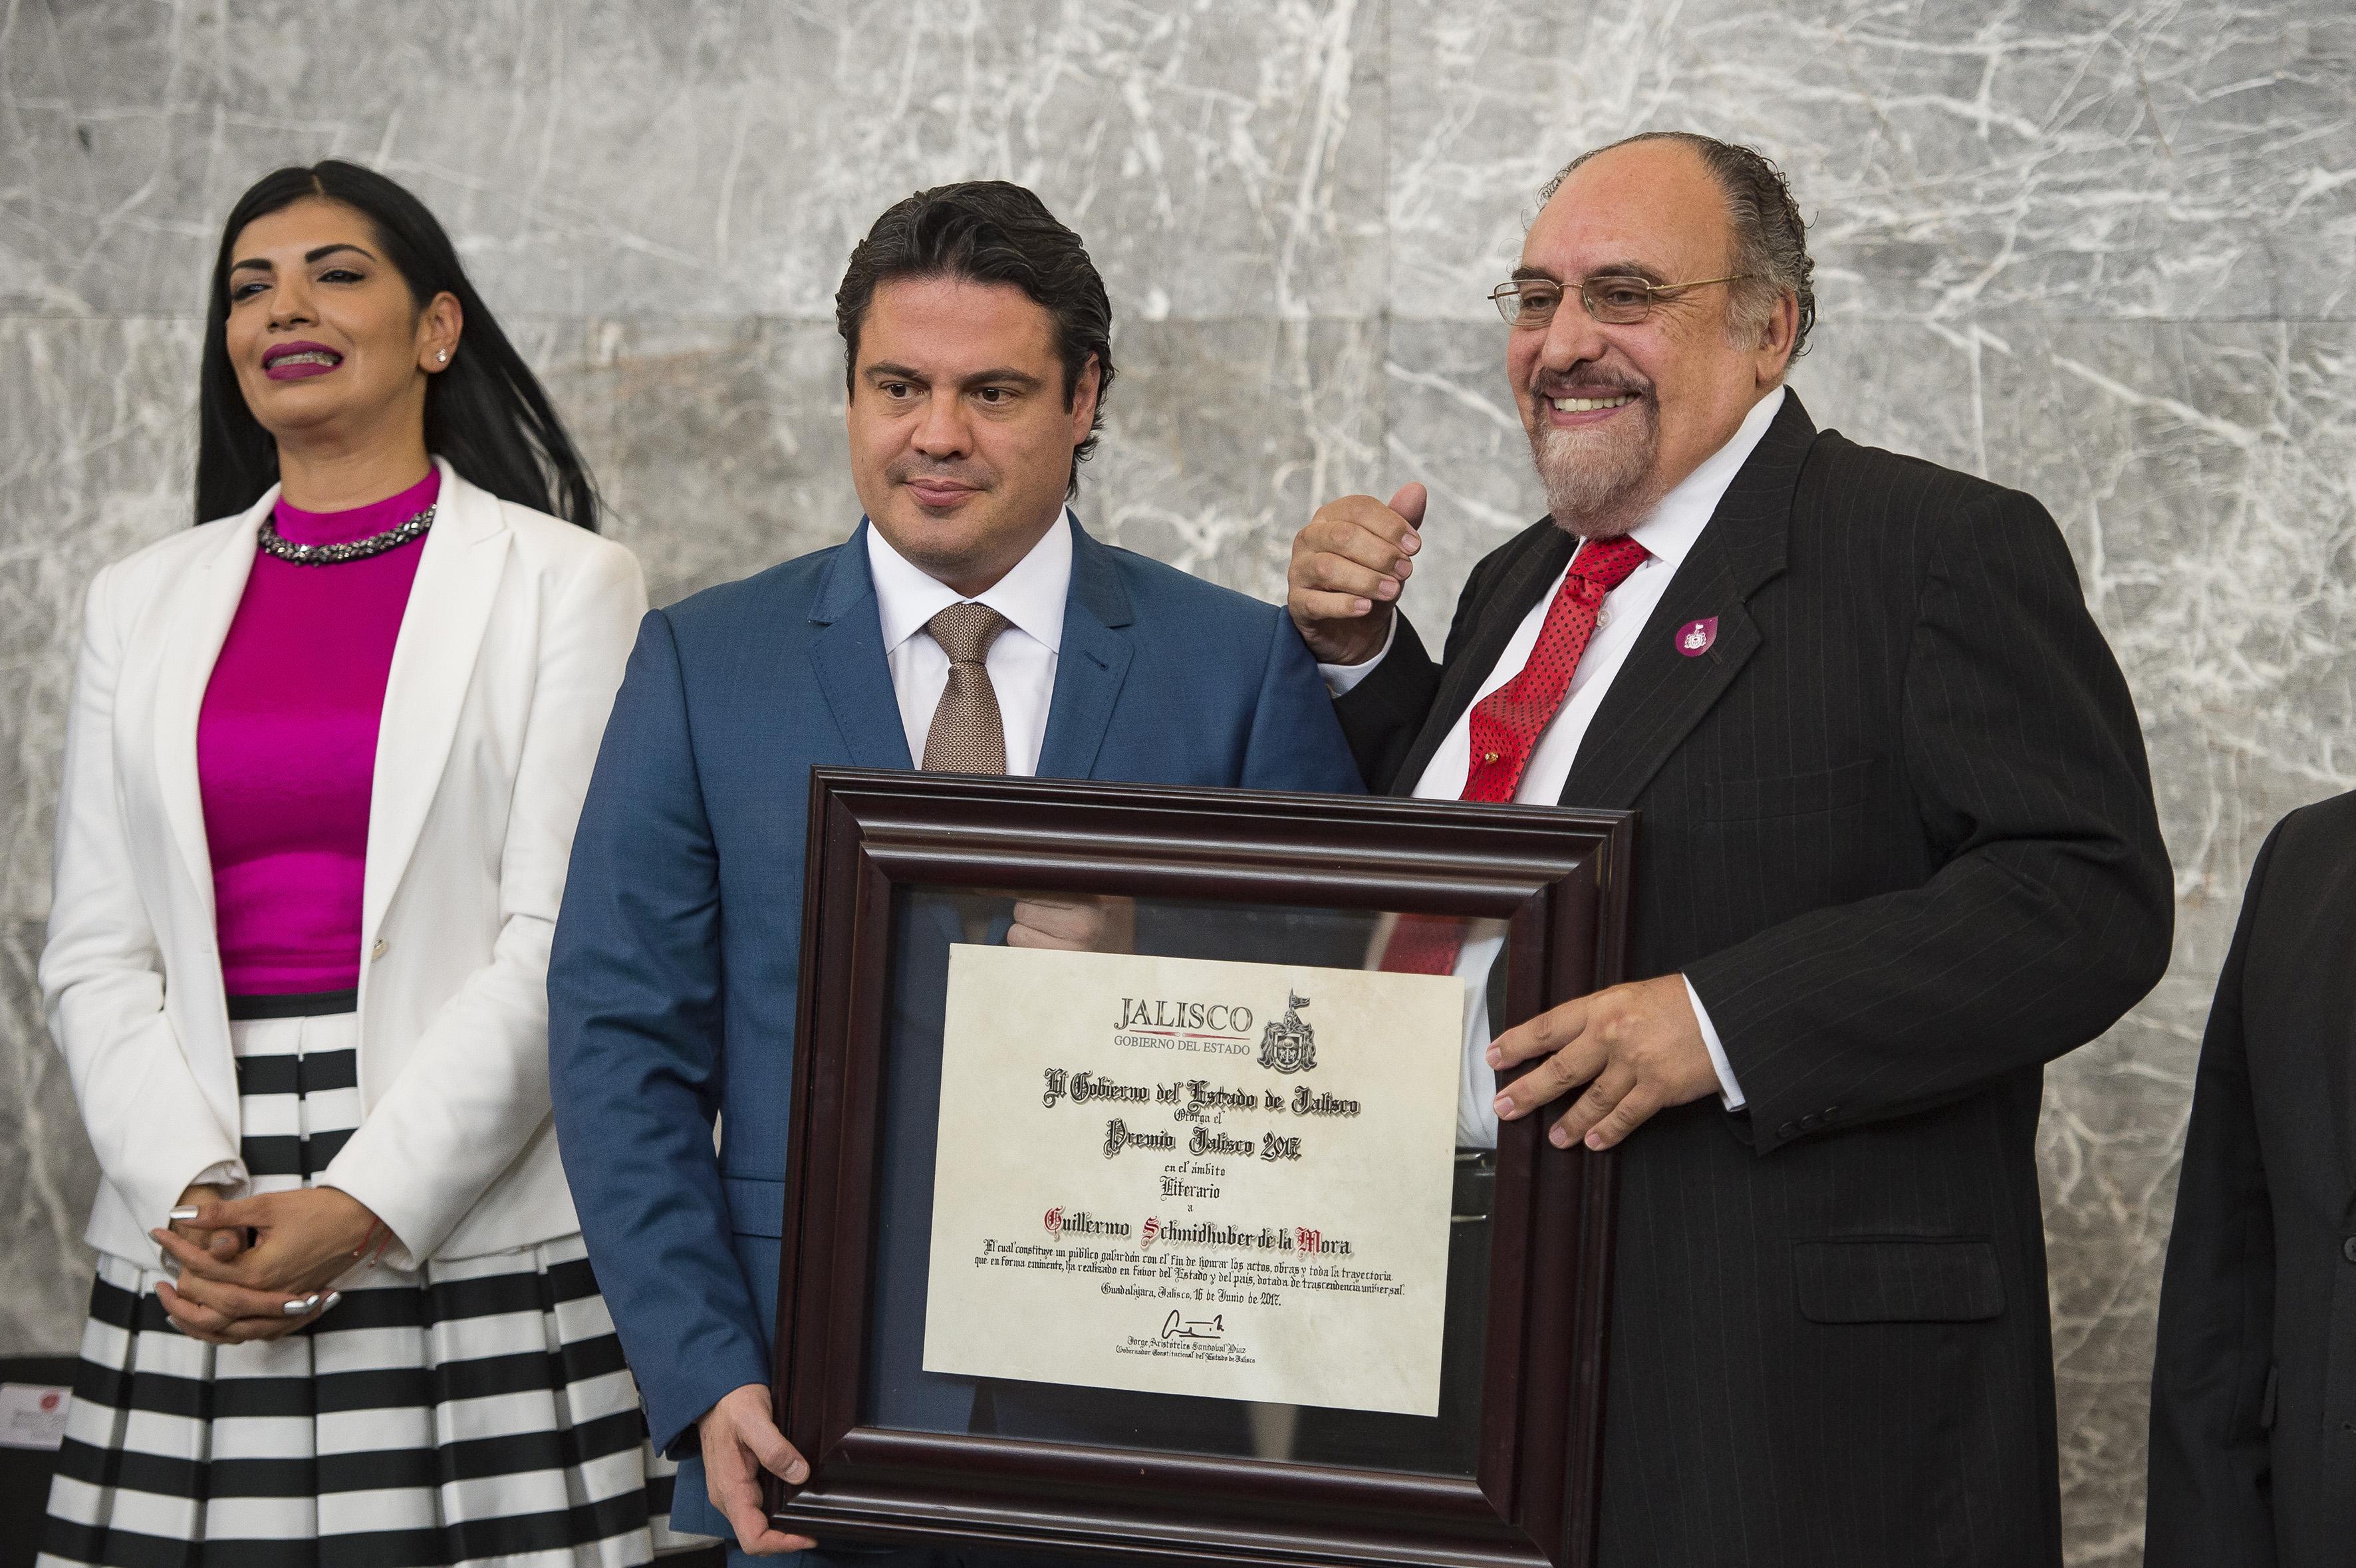 Gobernador de Jalisco, maestro Jorge Aristóteles Sandoval Díaz, haciendo entrega de reconocimiento al doctor Guillermo Schmidhuber de la Mora, investigador del CUCSH